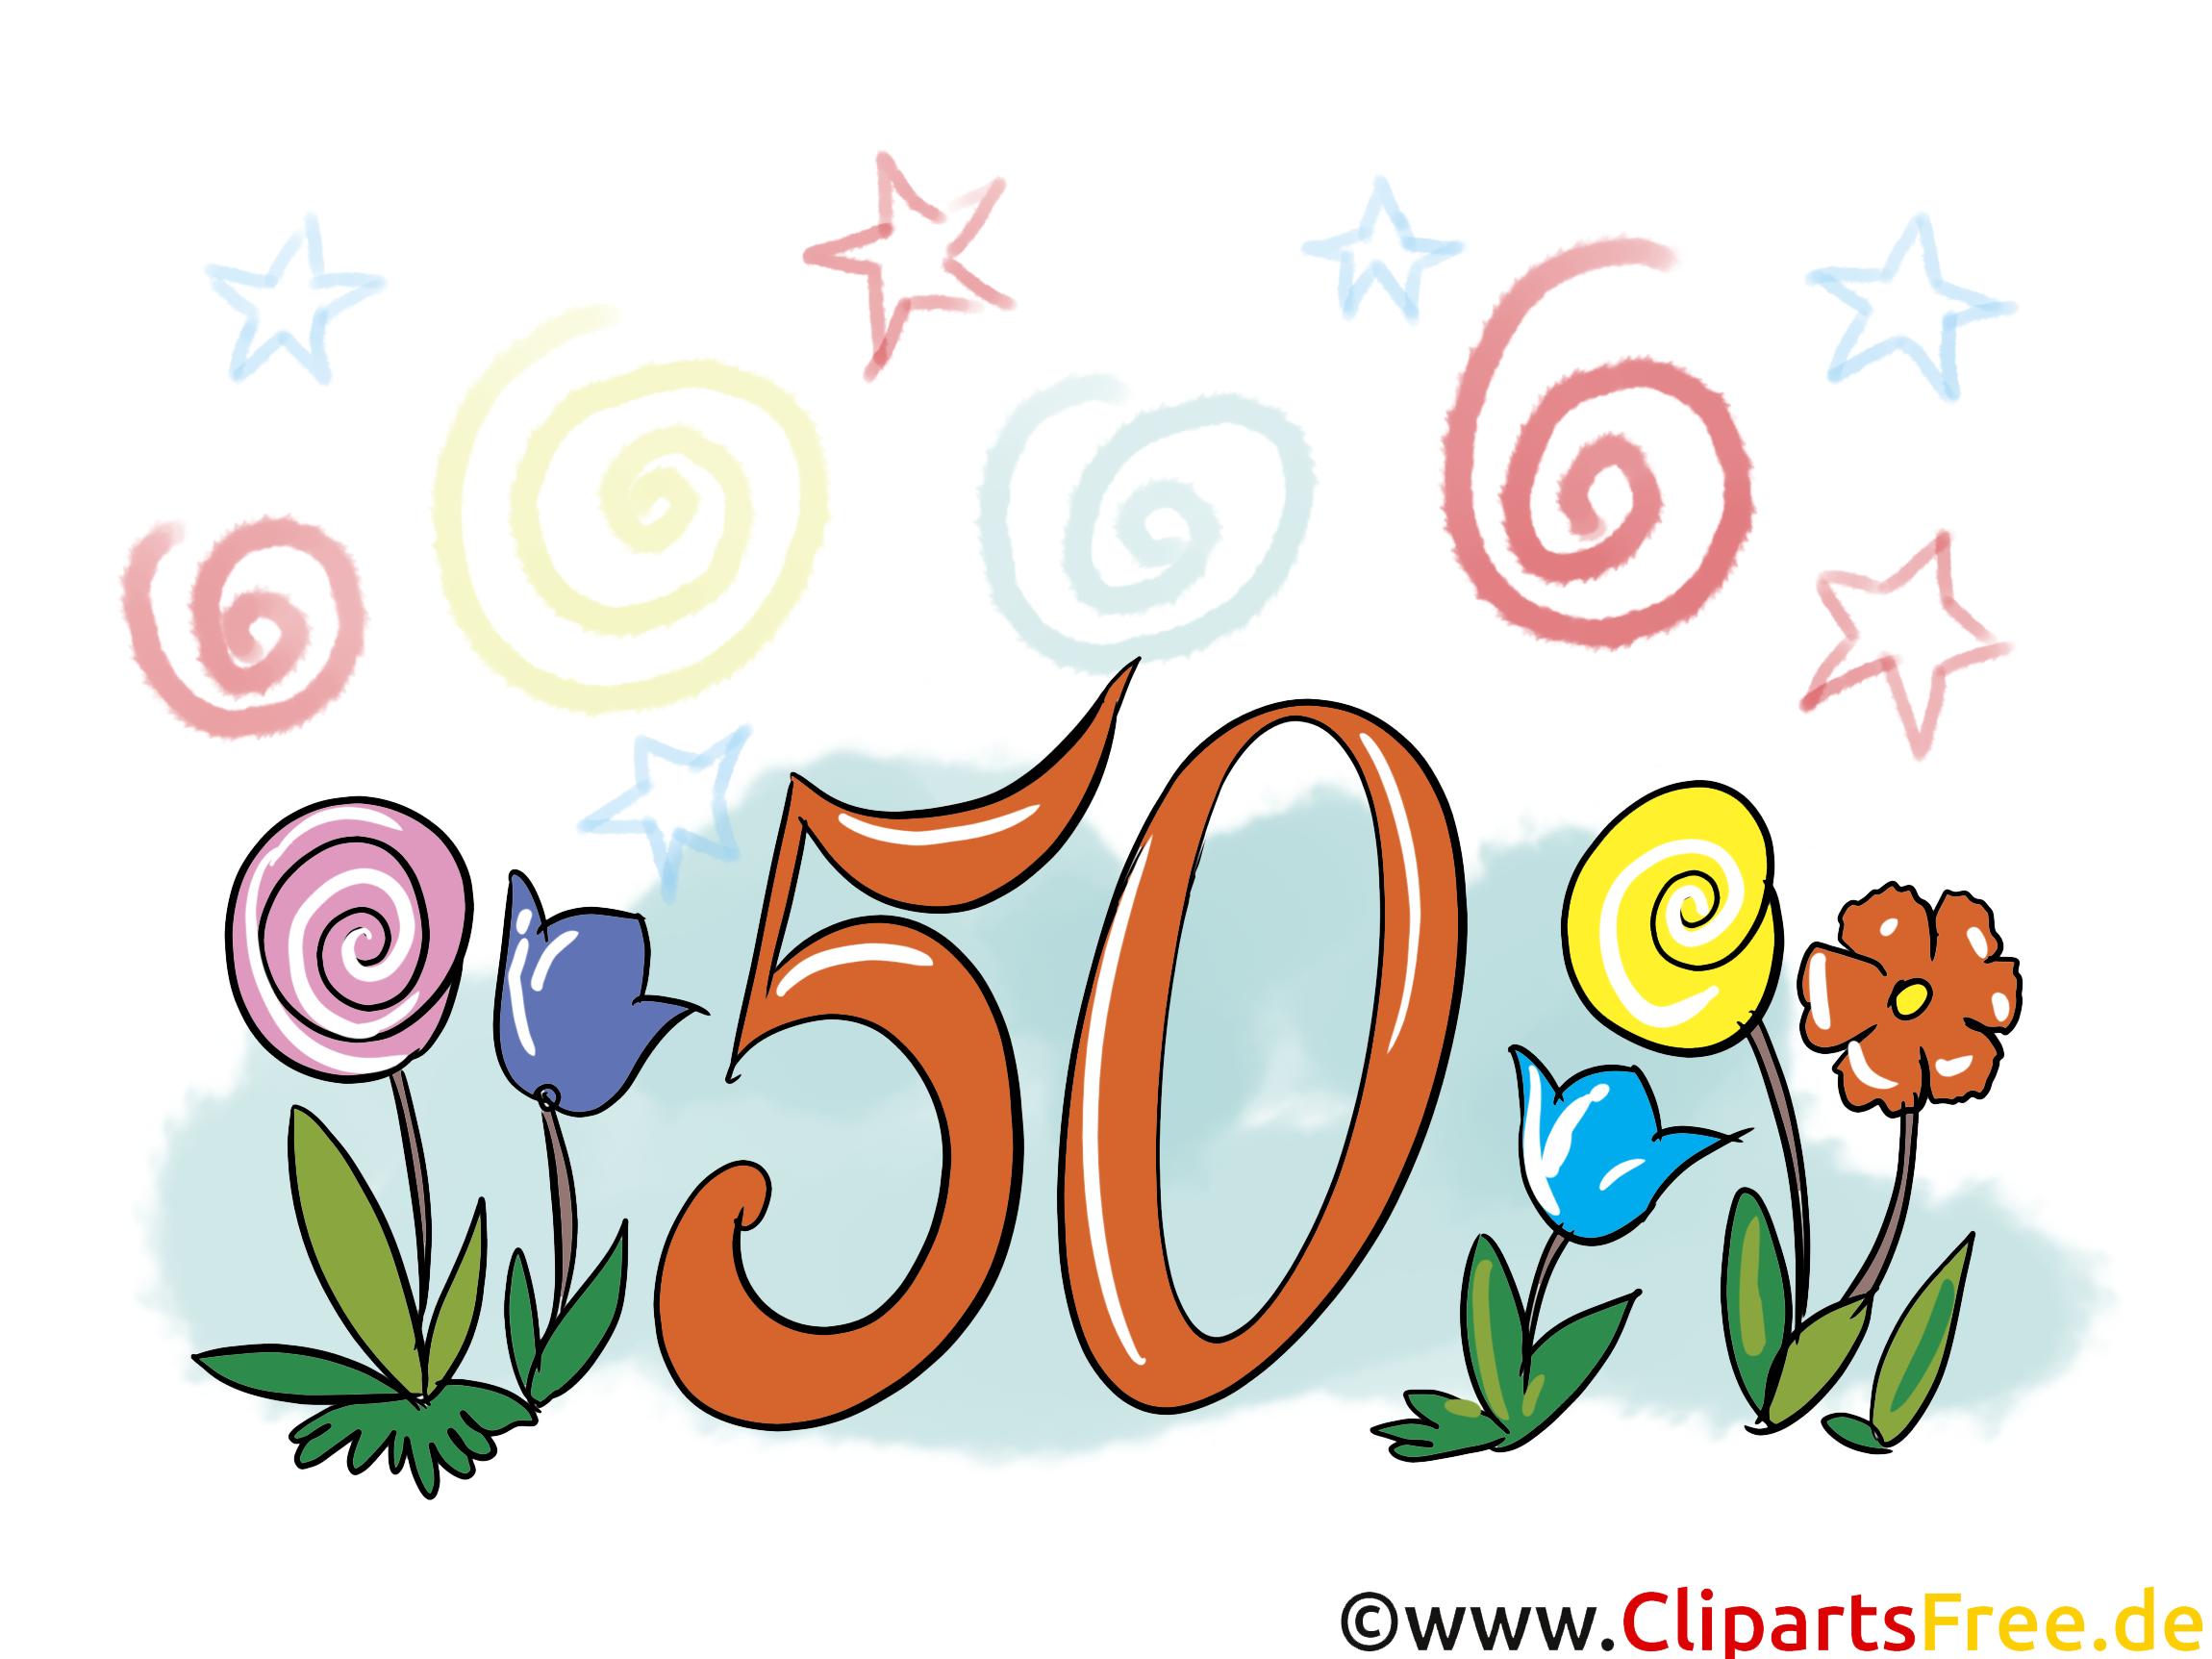 50年周年記念グリーティングカード、クリップアート、画像、おめでとう無料